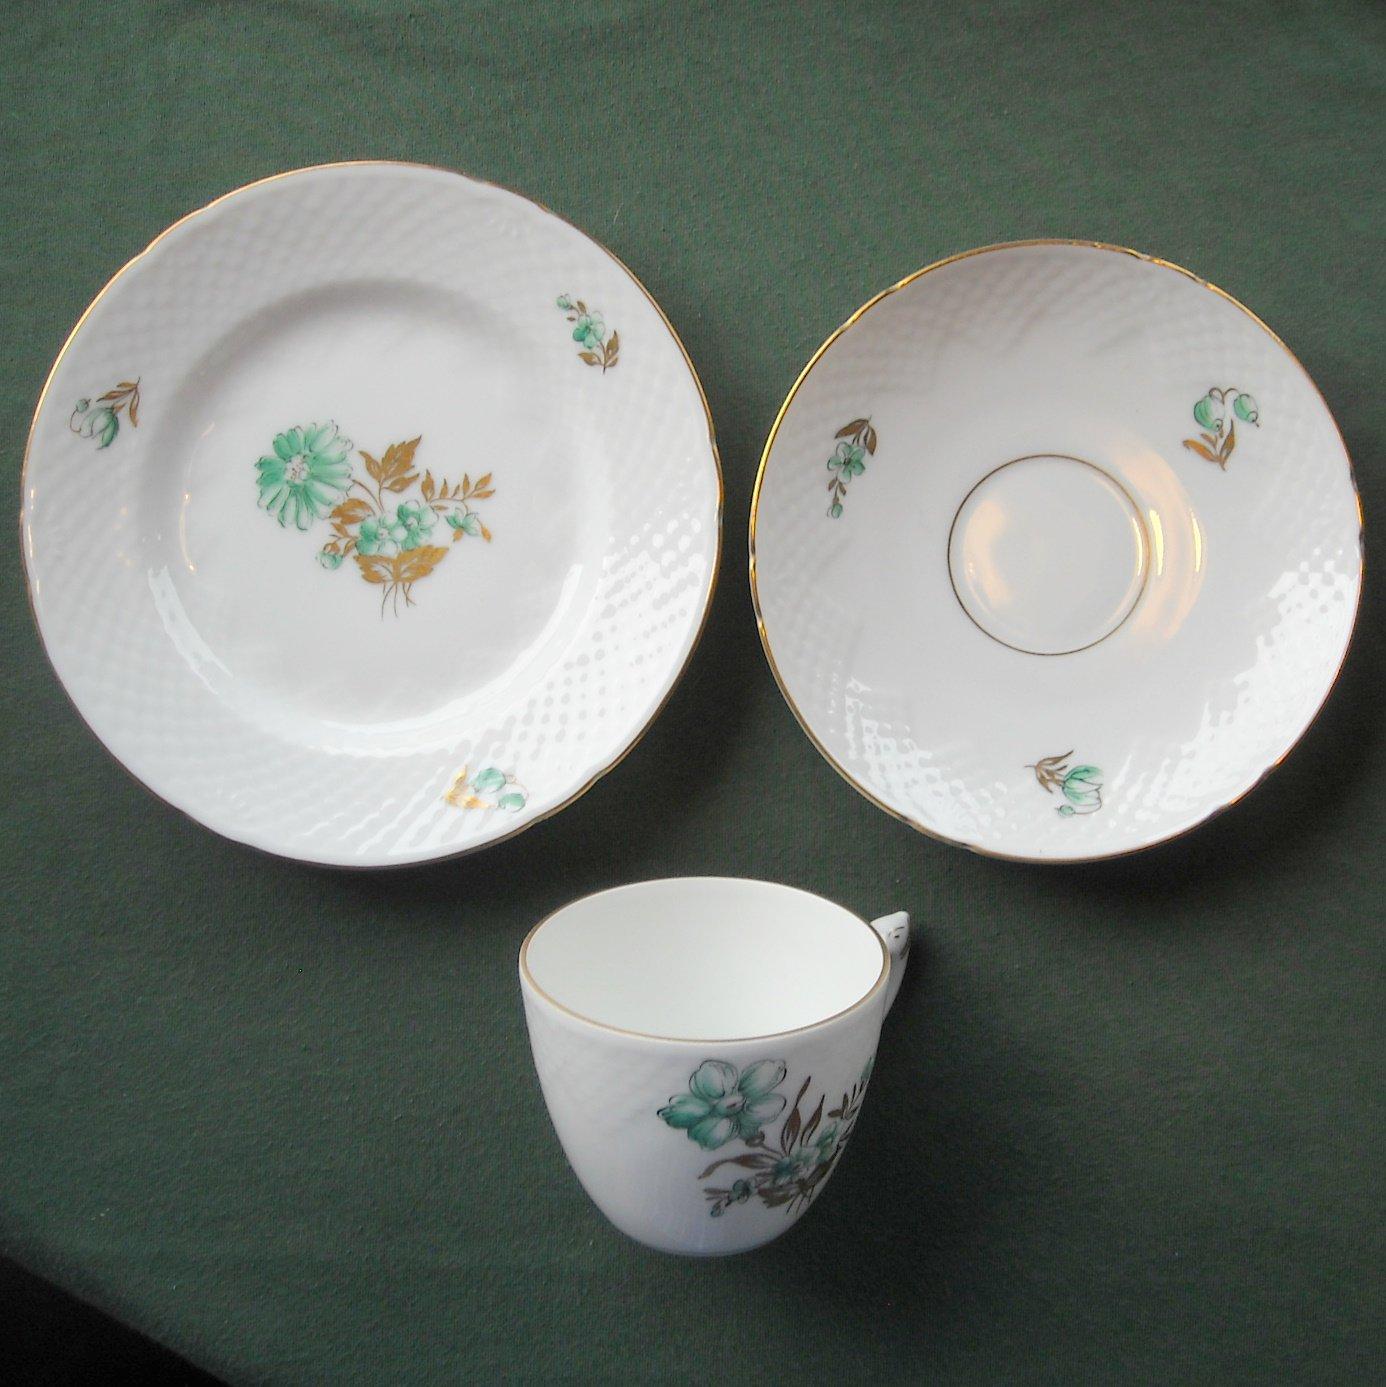 Danish Bing & Grondahl Copenhagen Green Gold Floral Cup Saucer Plate Set